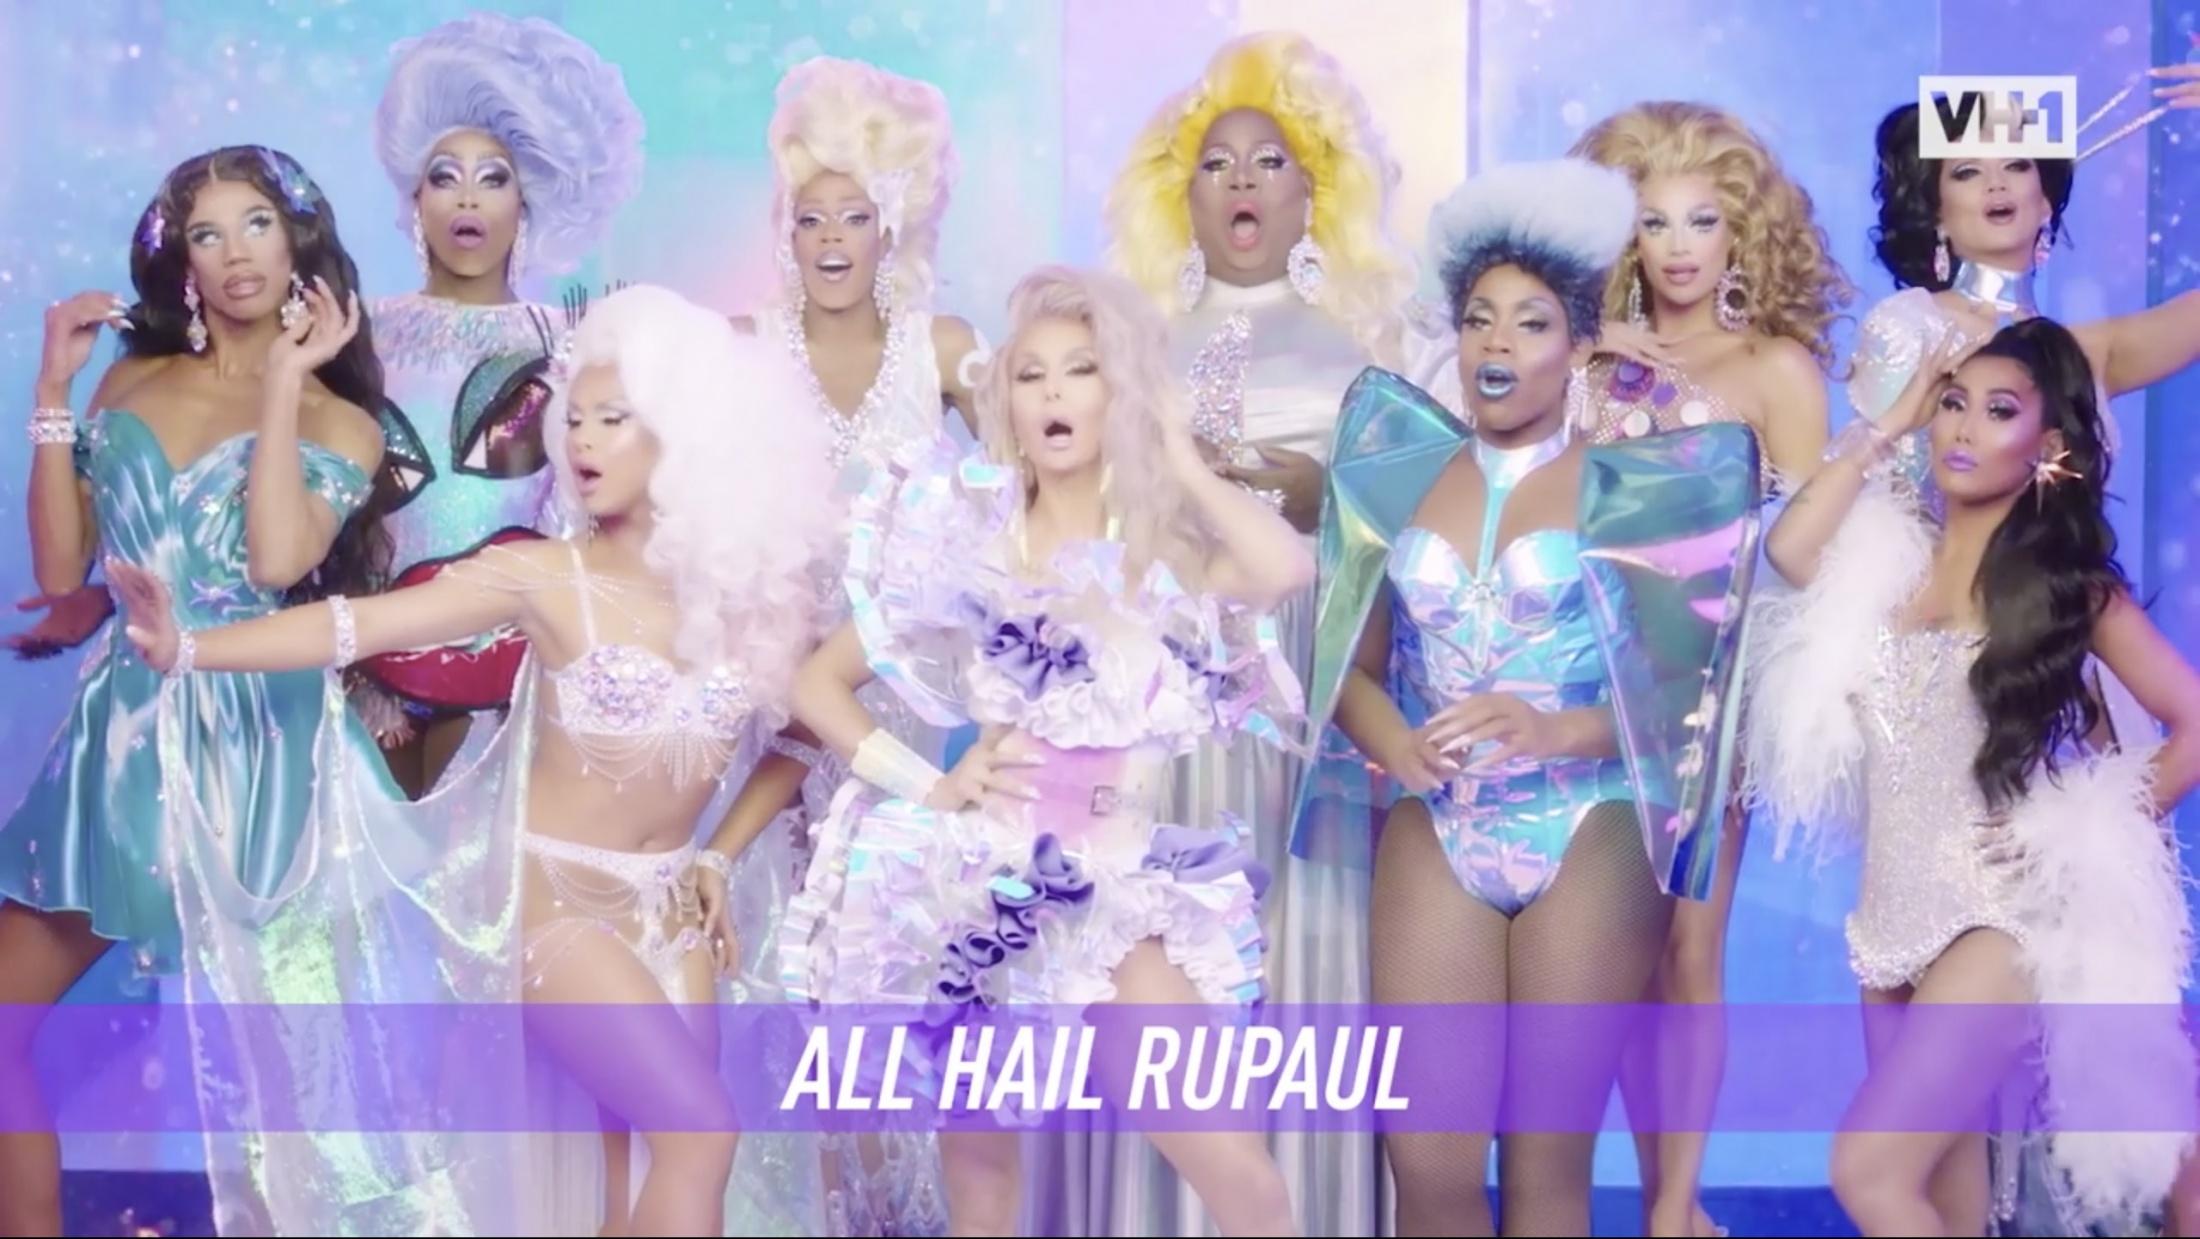 Thumbnail for RuPaul's Drag Race All Stars Season 4 - Music Video